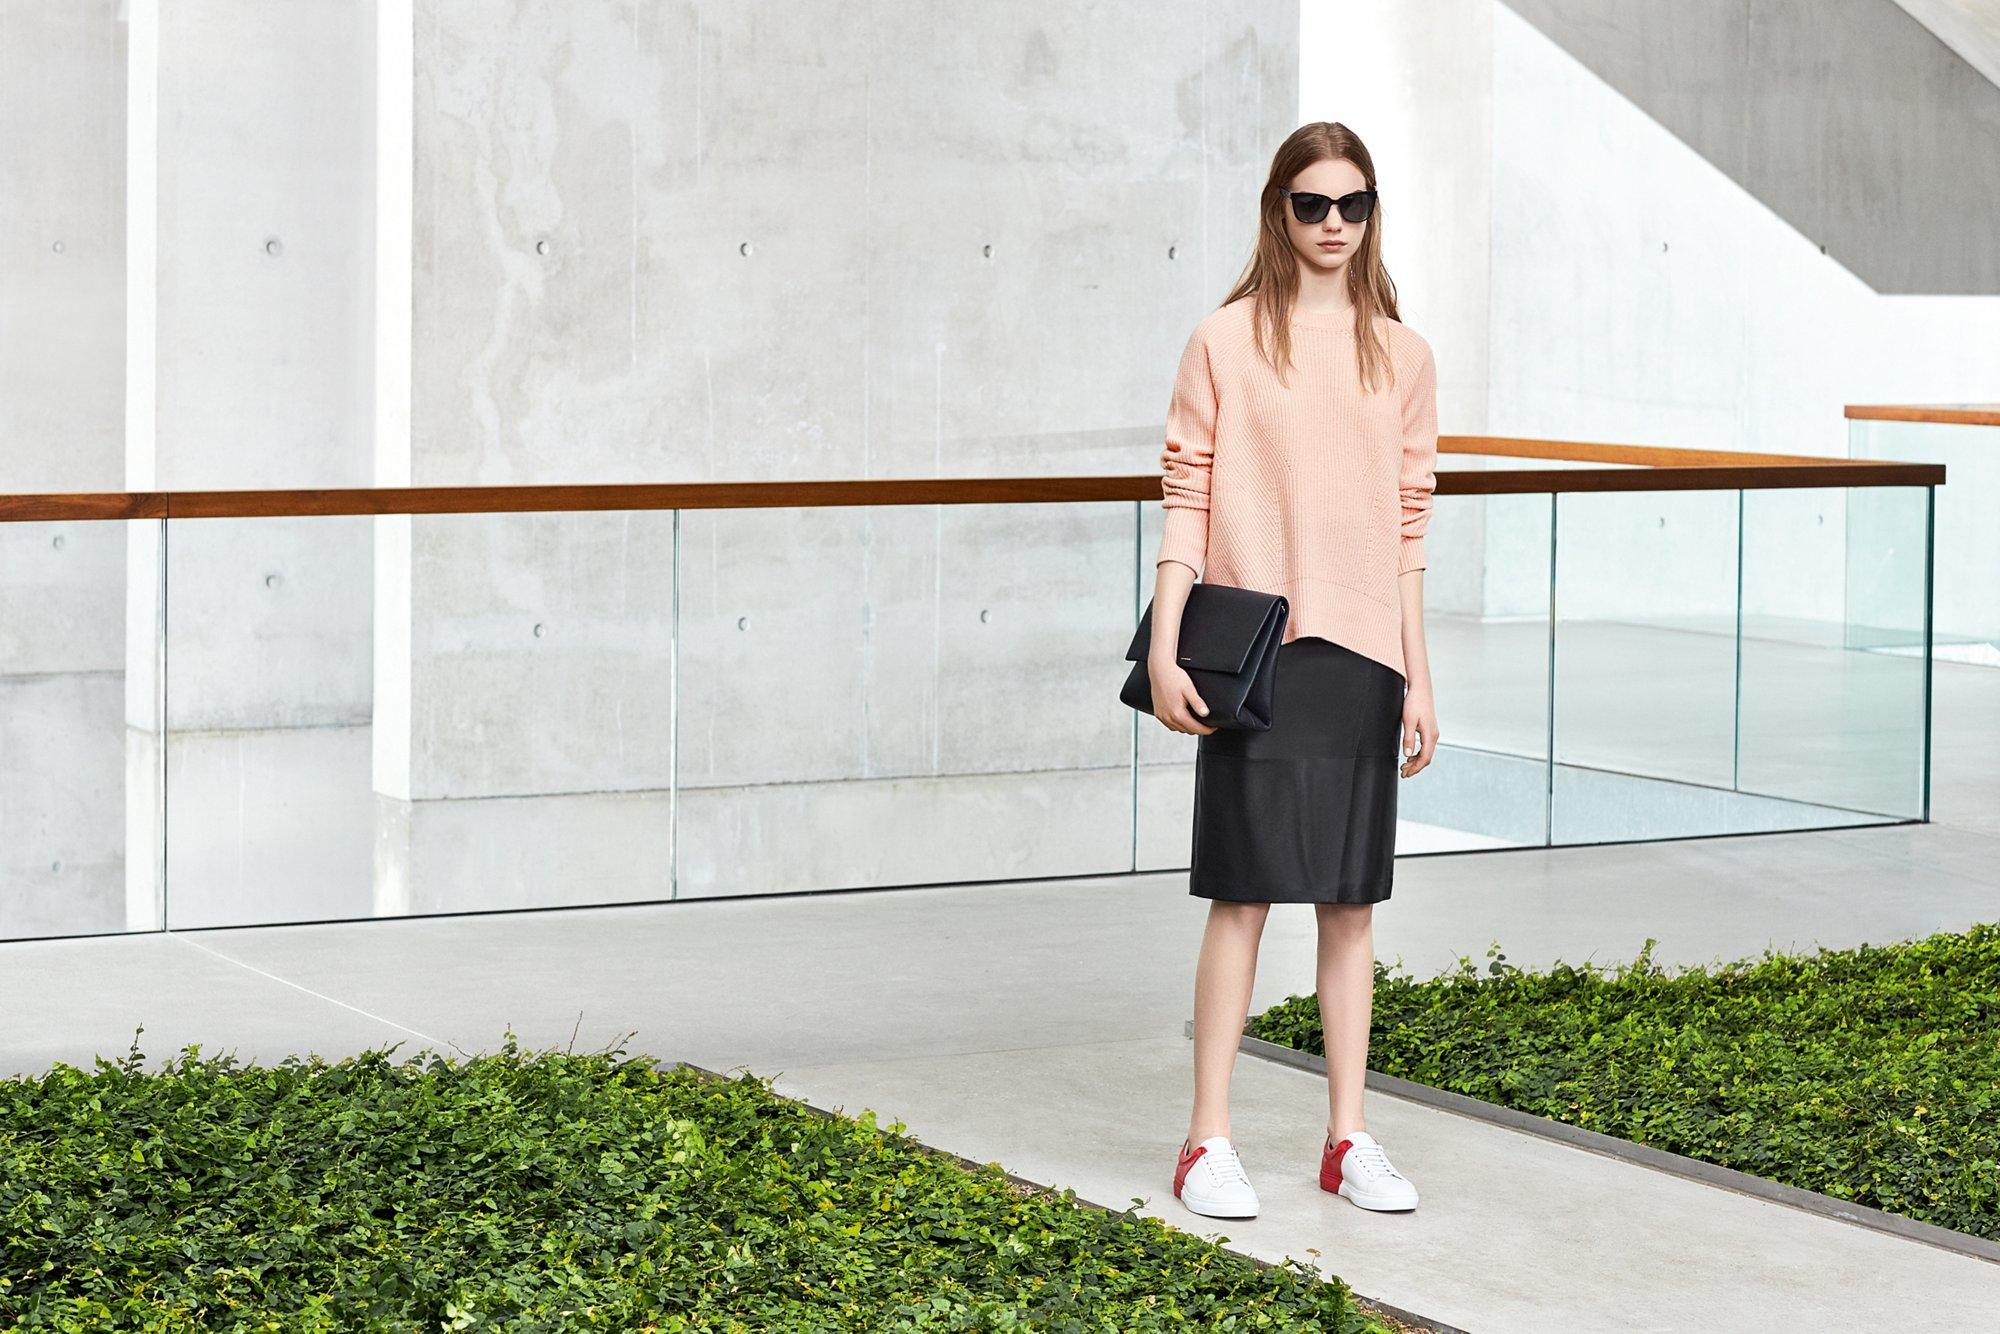 Haut en maille, jupe en cuir et sac BOSS Femme